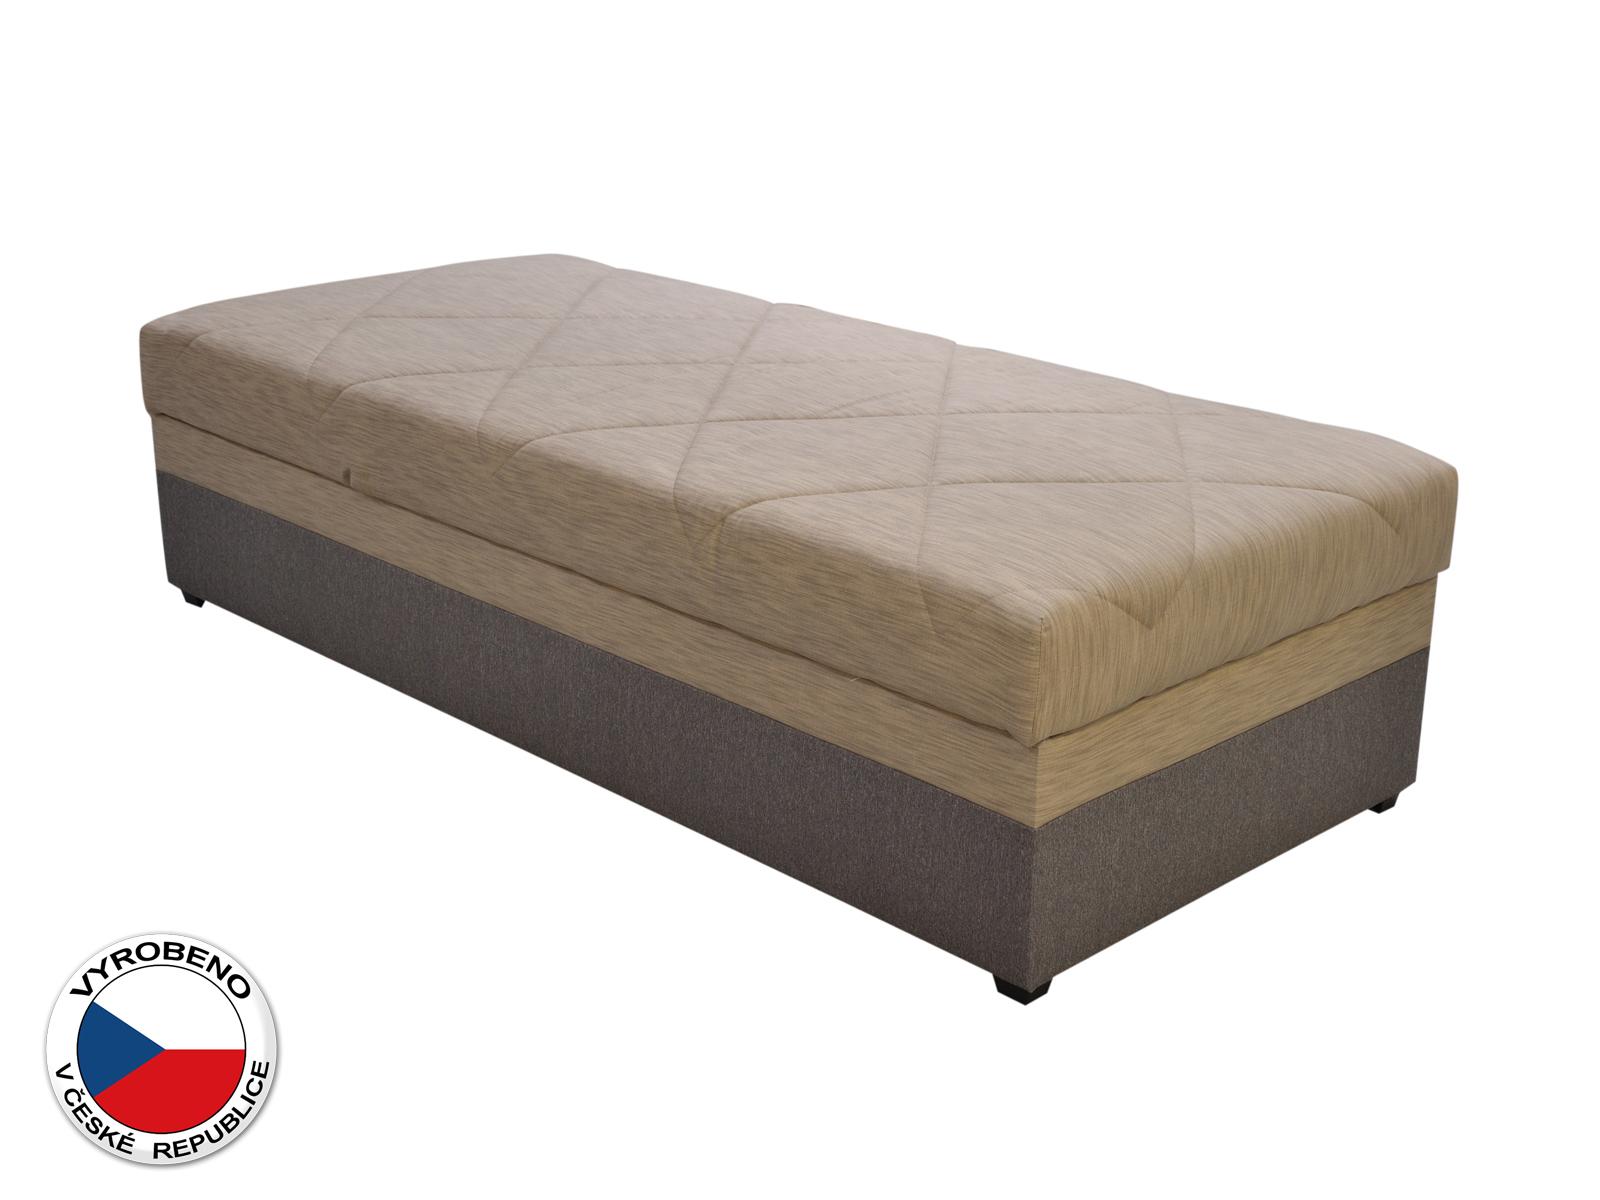 Jednolůžková postel (válenda) 90 cm - Blanár - Evelina (béžová + hnědá) (s roštem a matrací)